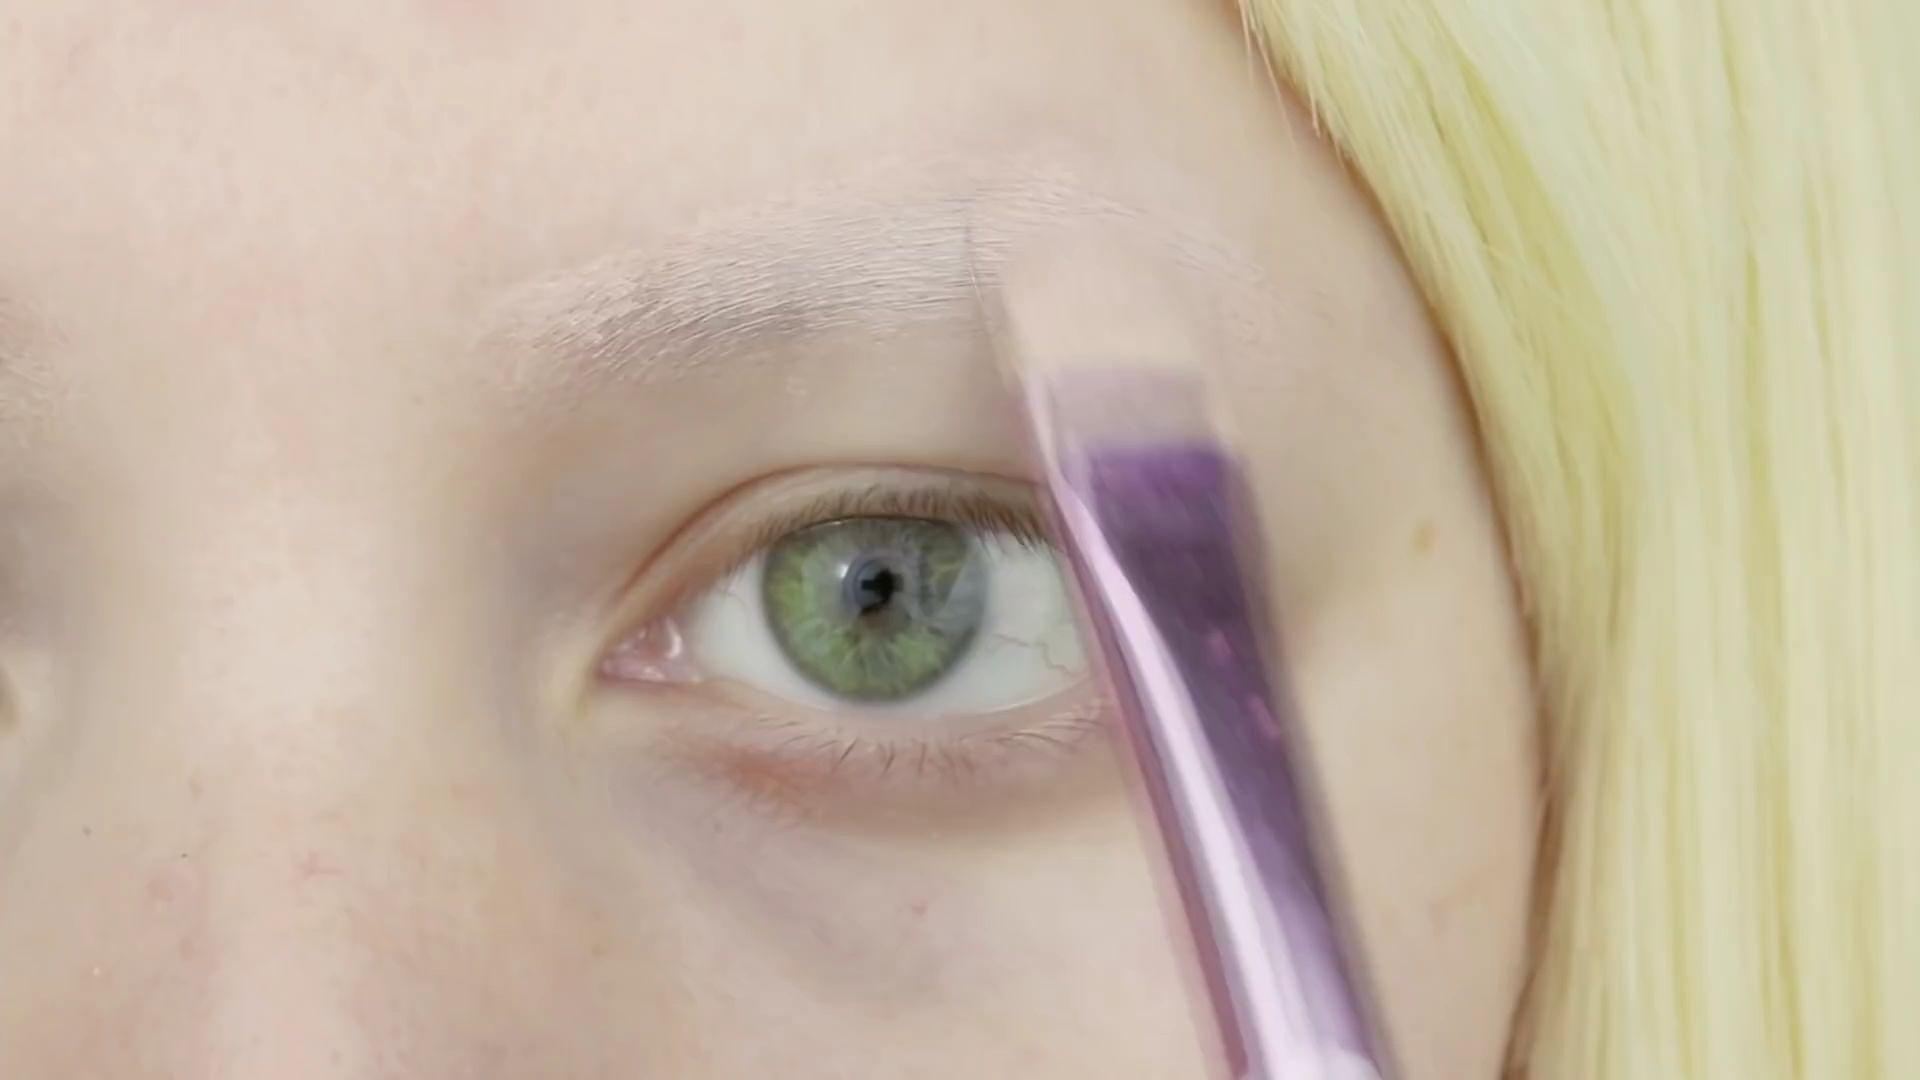 Misa Amane Cosplay DIY en 9 pasos: Capa de corrector de cobertura completa sobre tus cejas